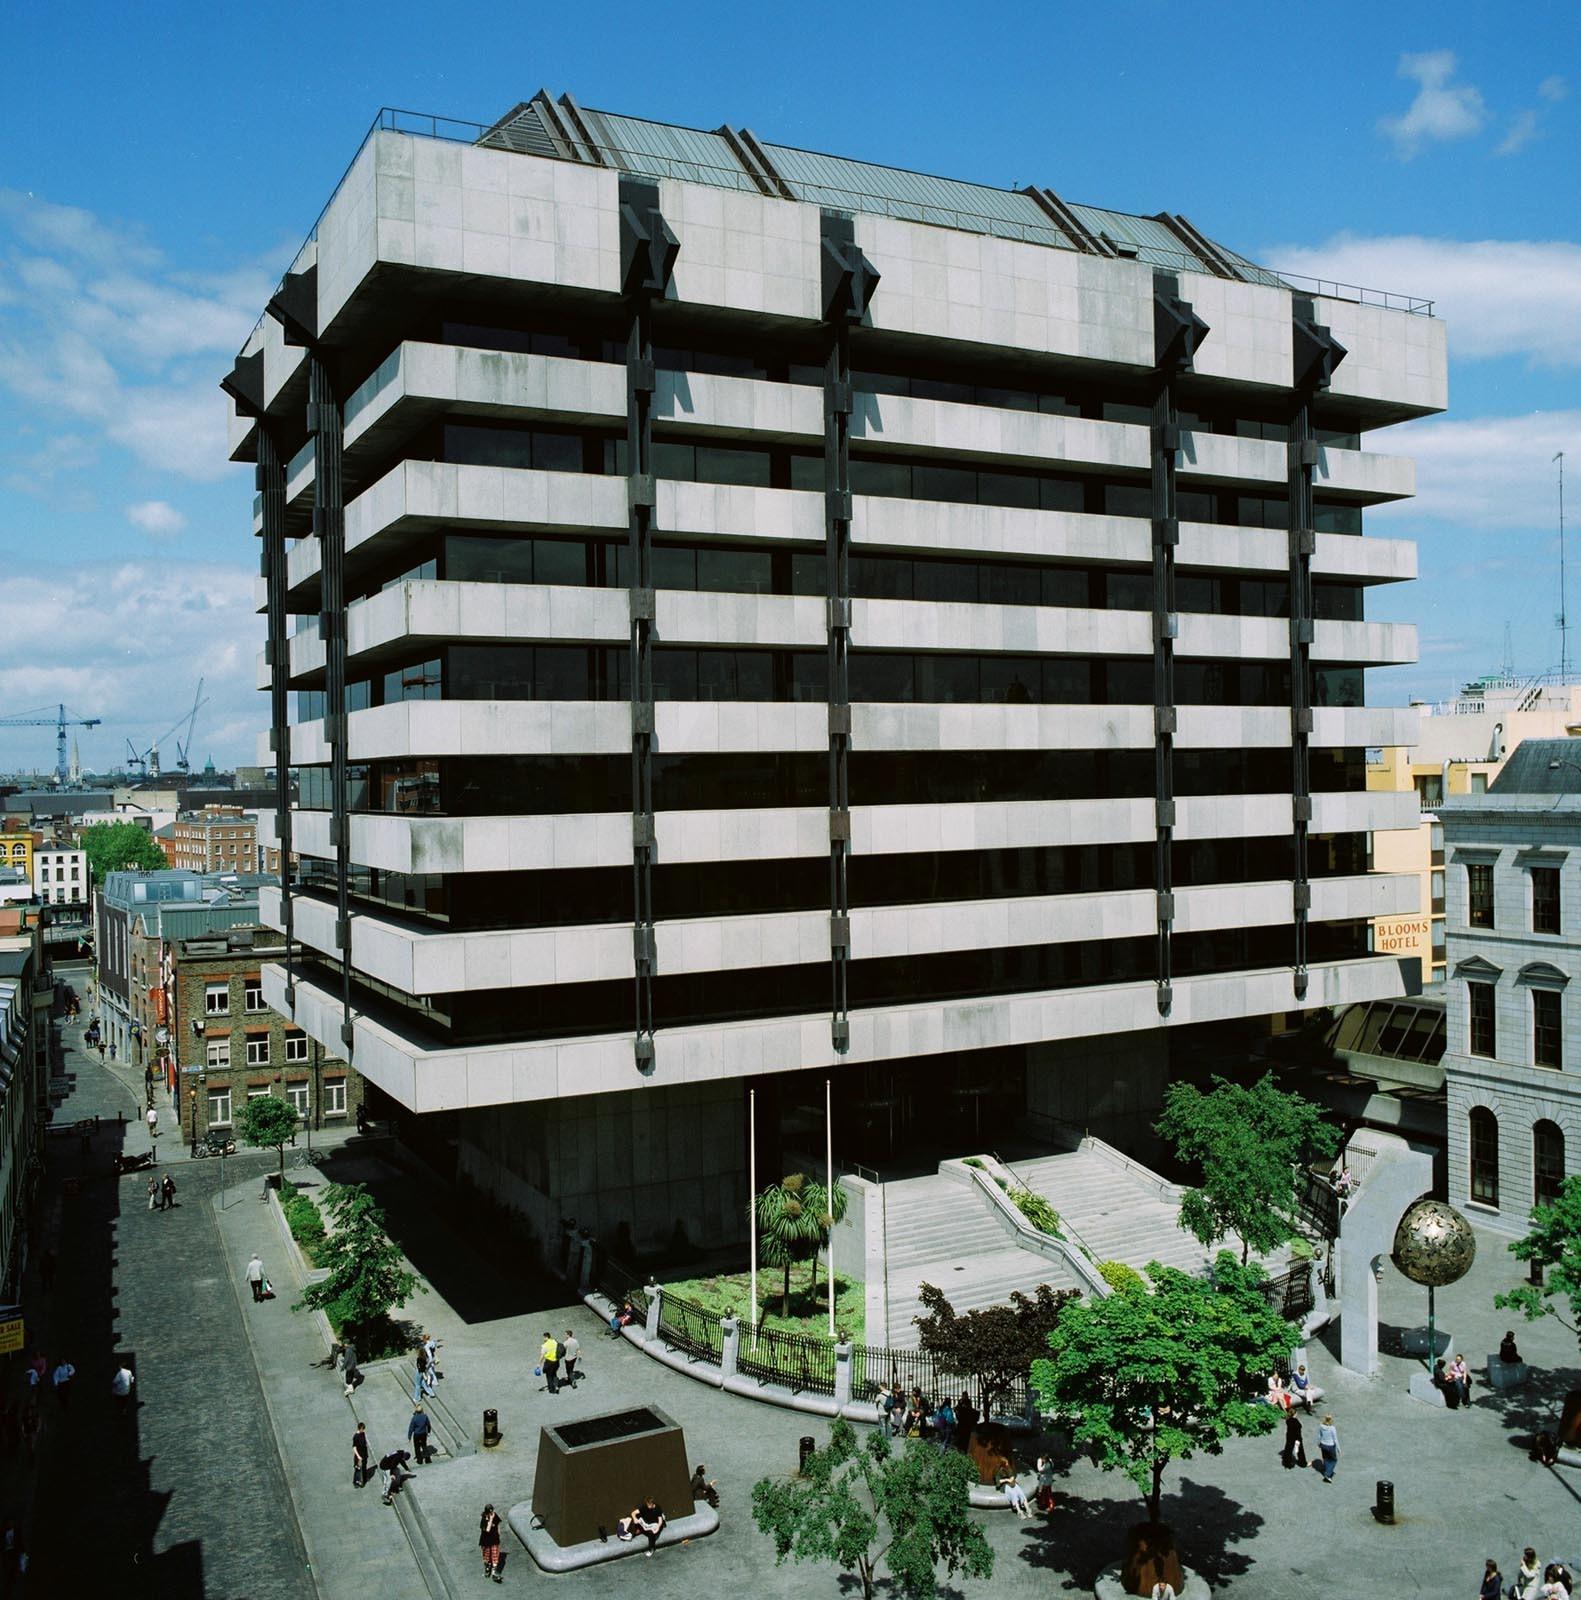 Central Bank of Ireland, Dublin